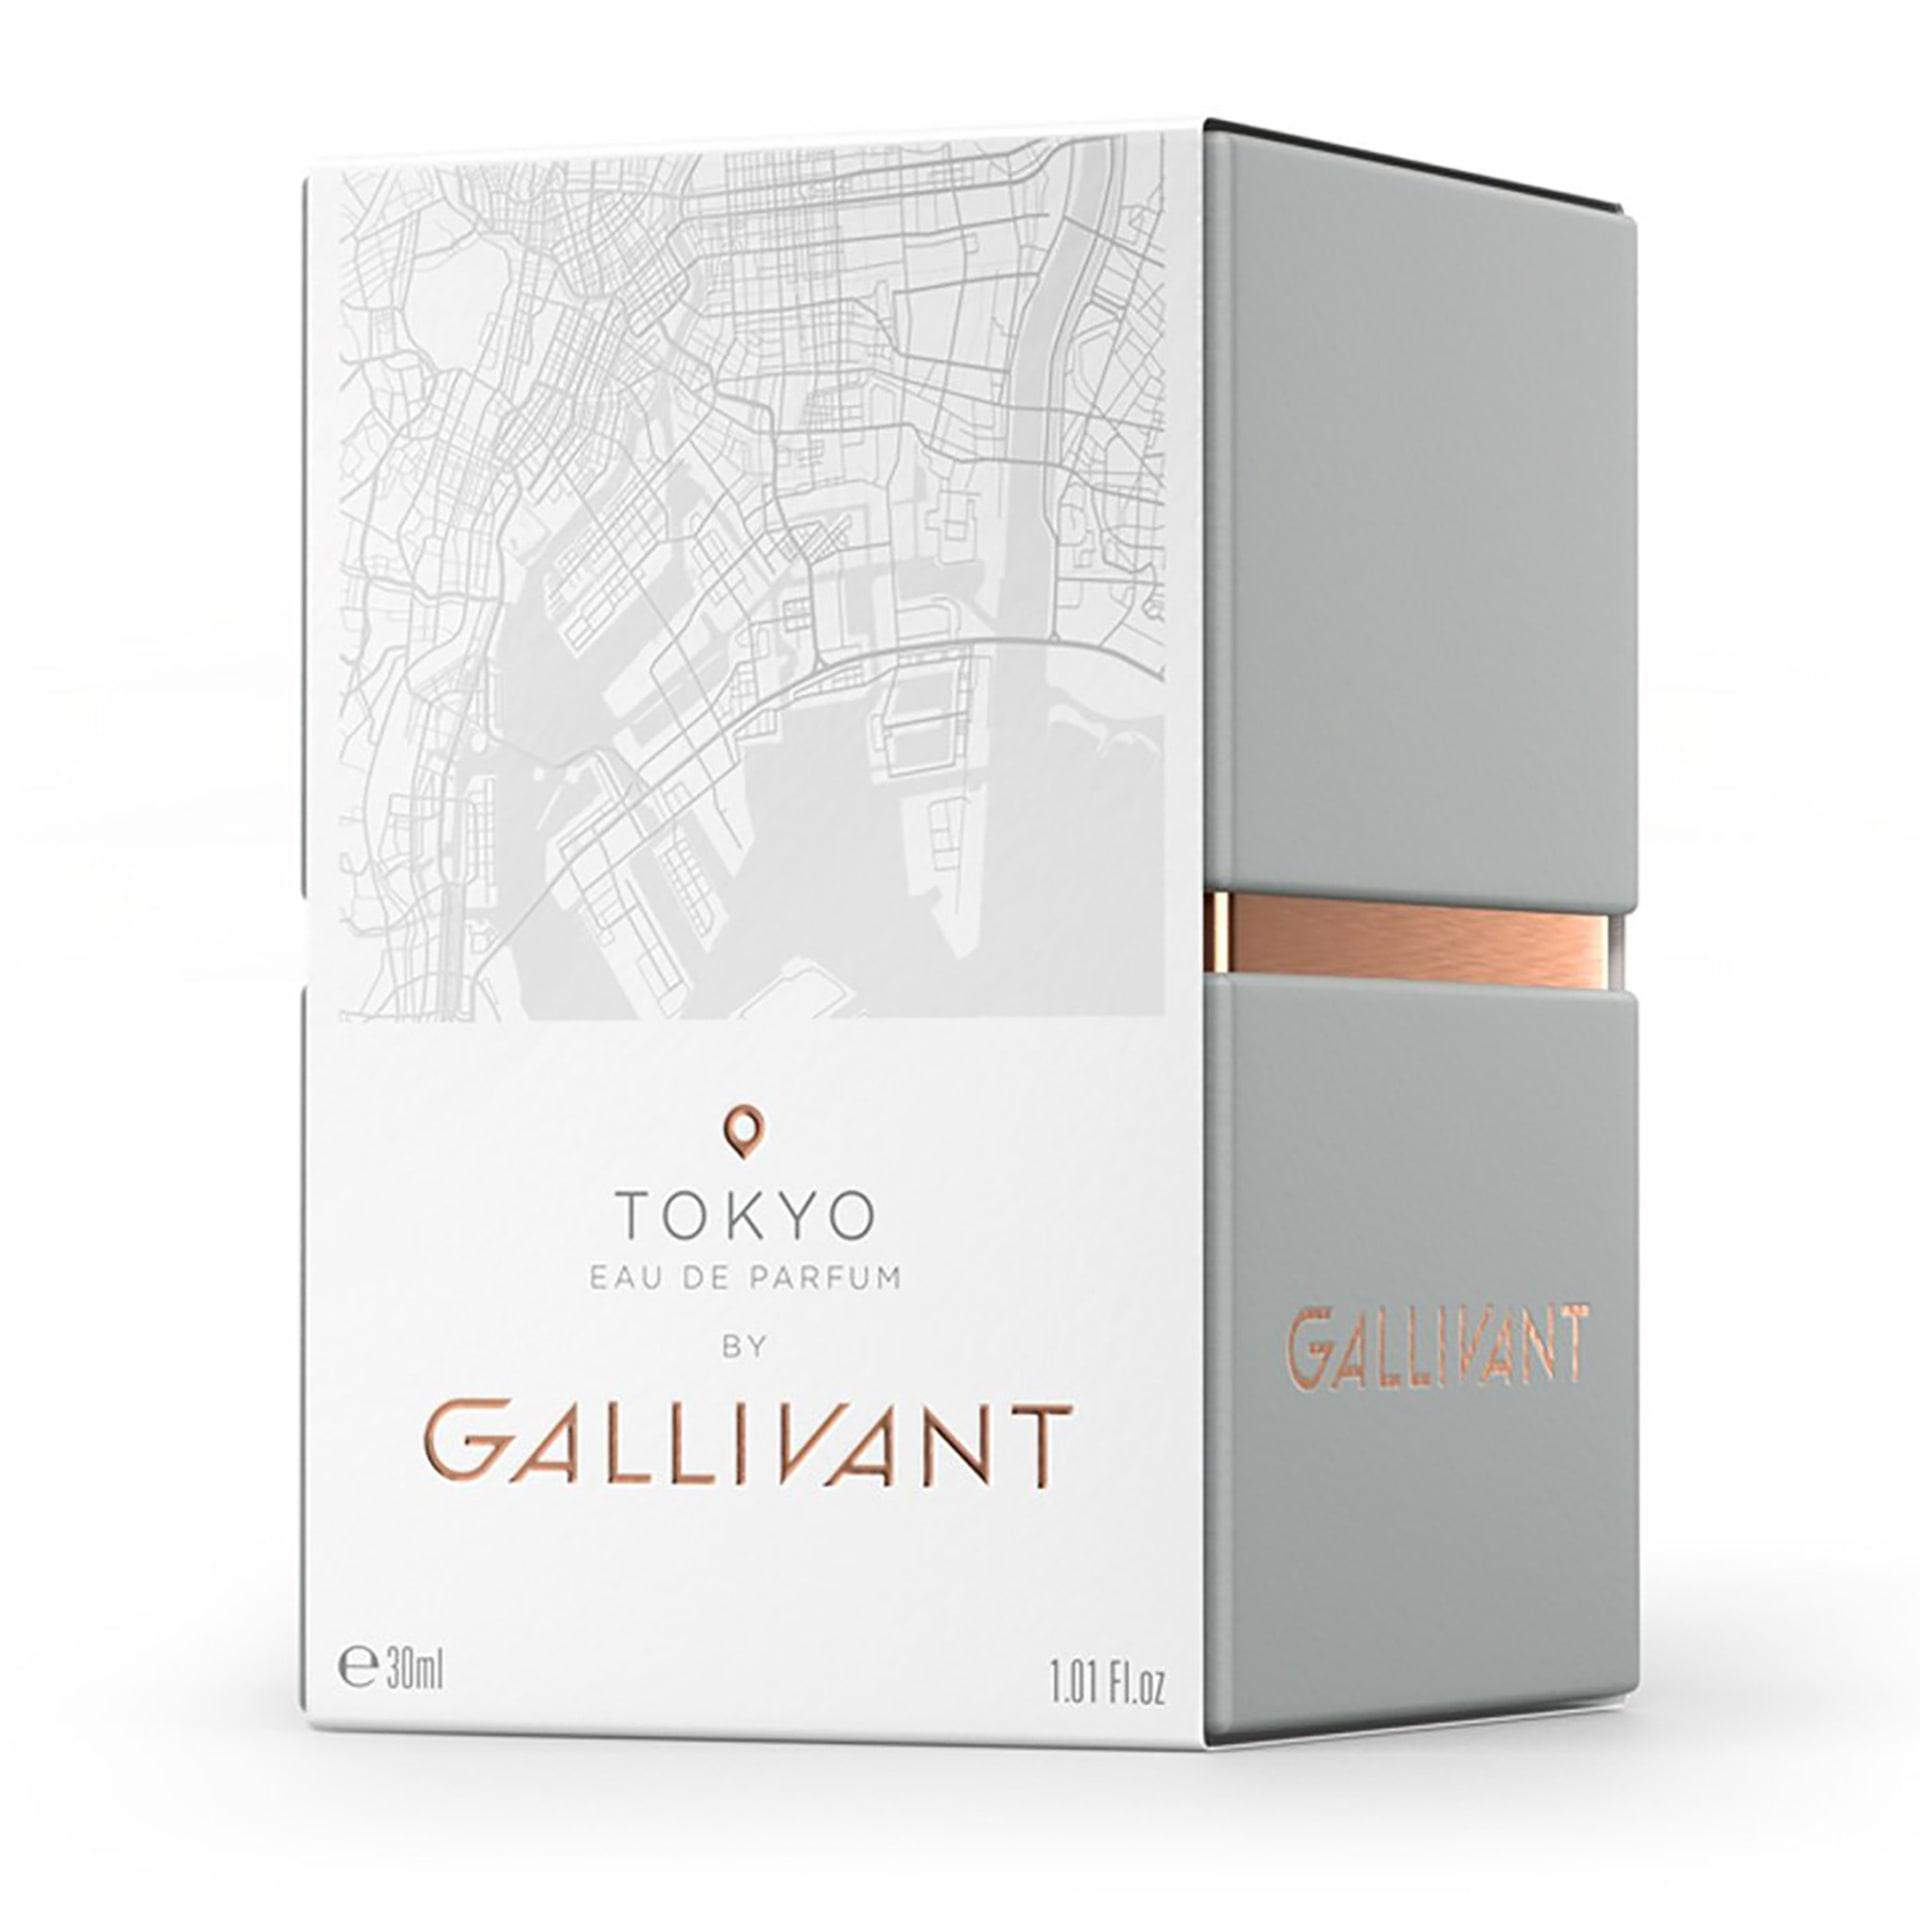 gallivant-tokyo-3